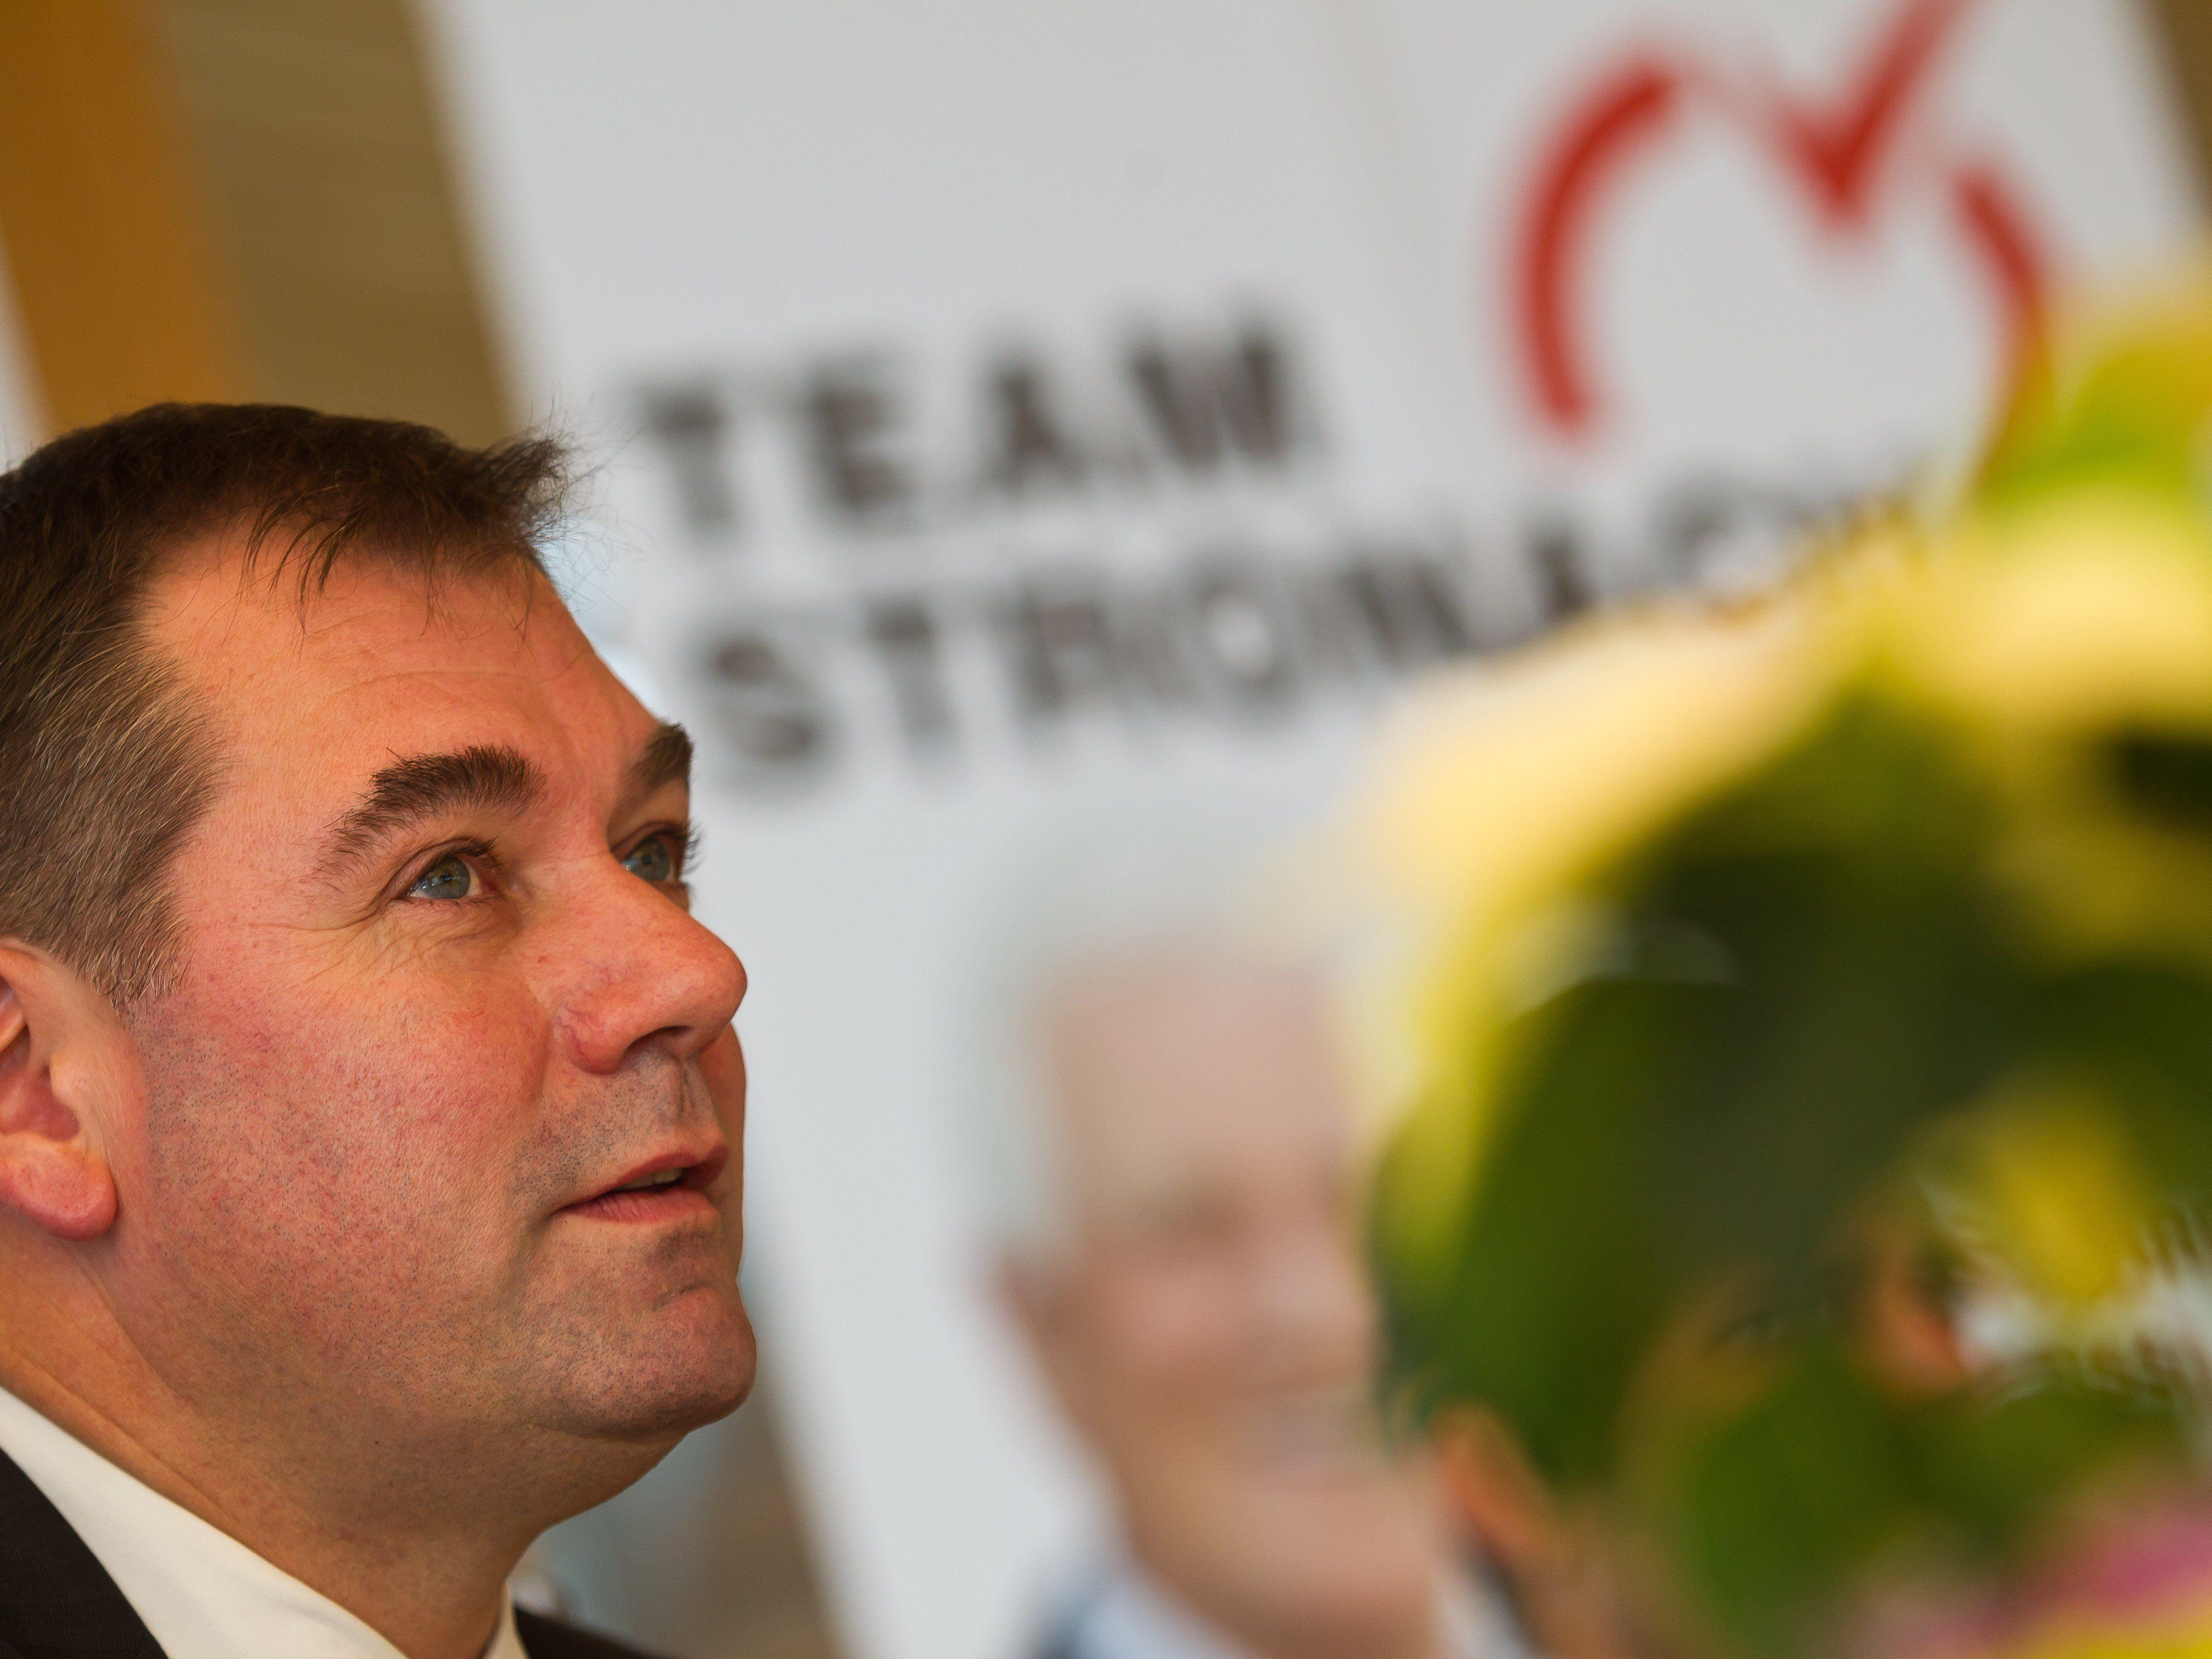 Christoph Hagen hält Frank Stronach die Treue, wenn auch vorerst alleine.